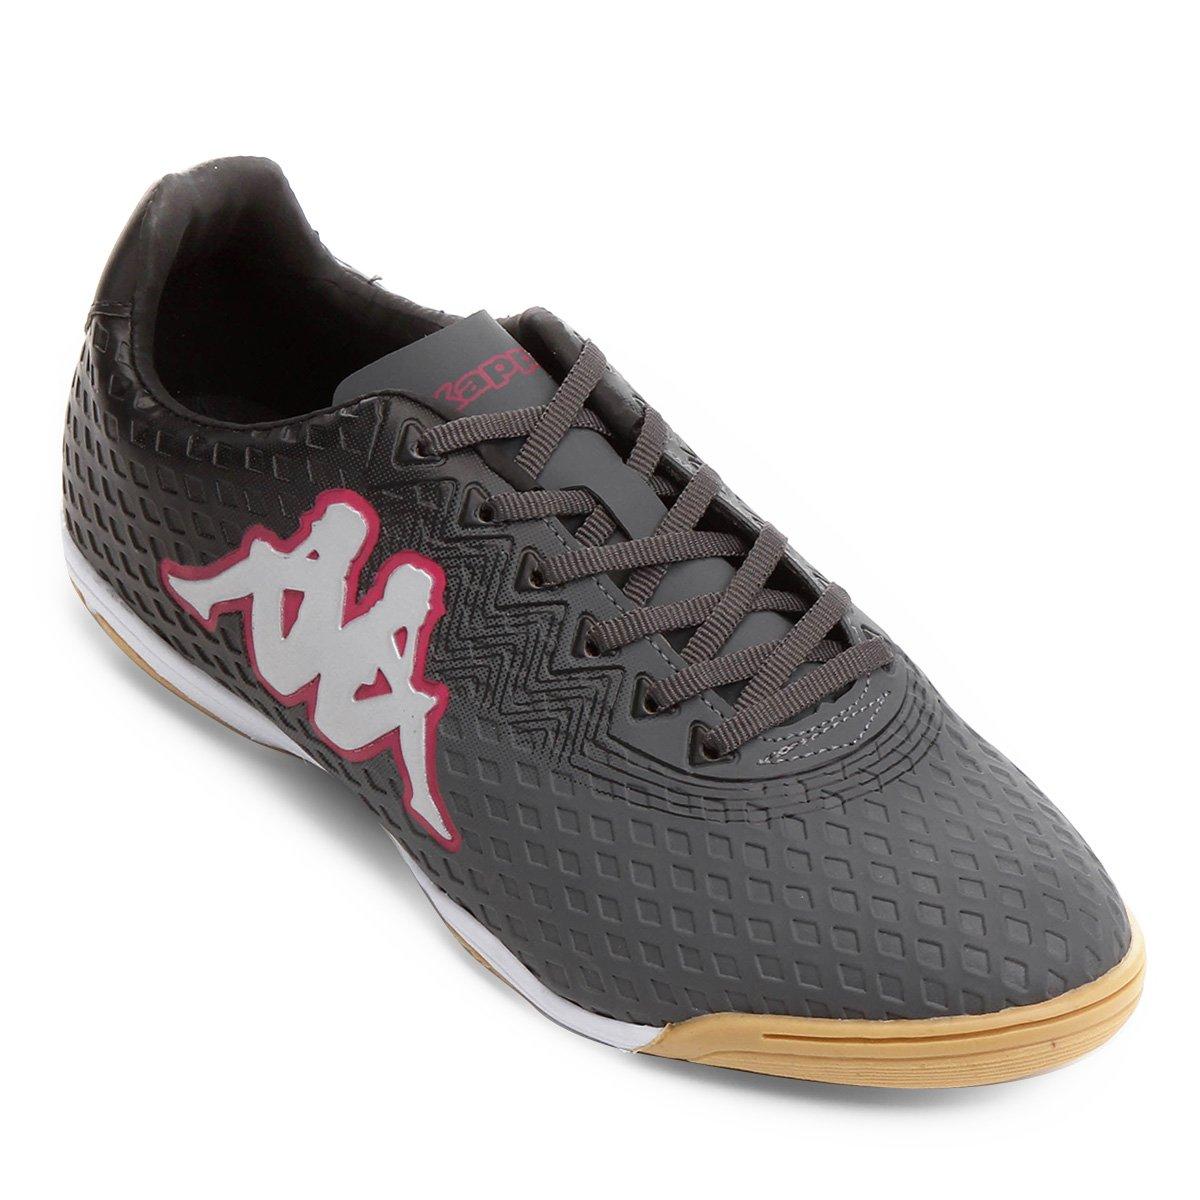 ae61a55a06 Chuteira Futsal Kappa Reno